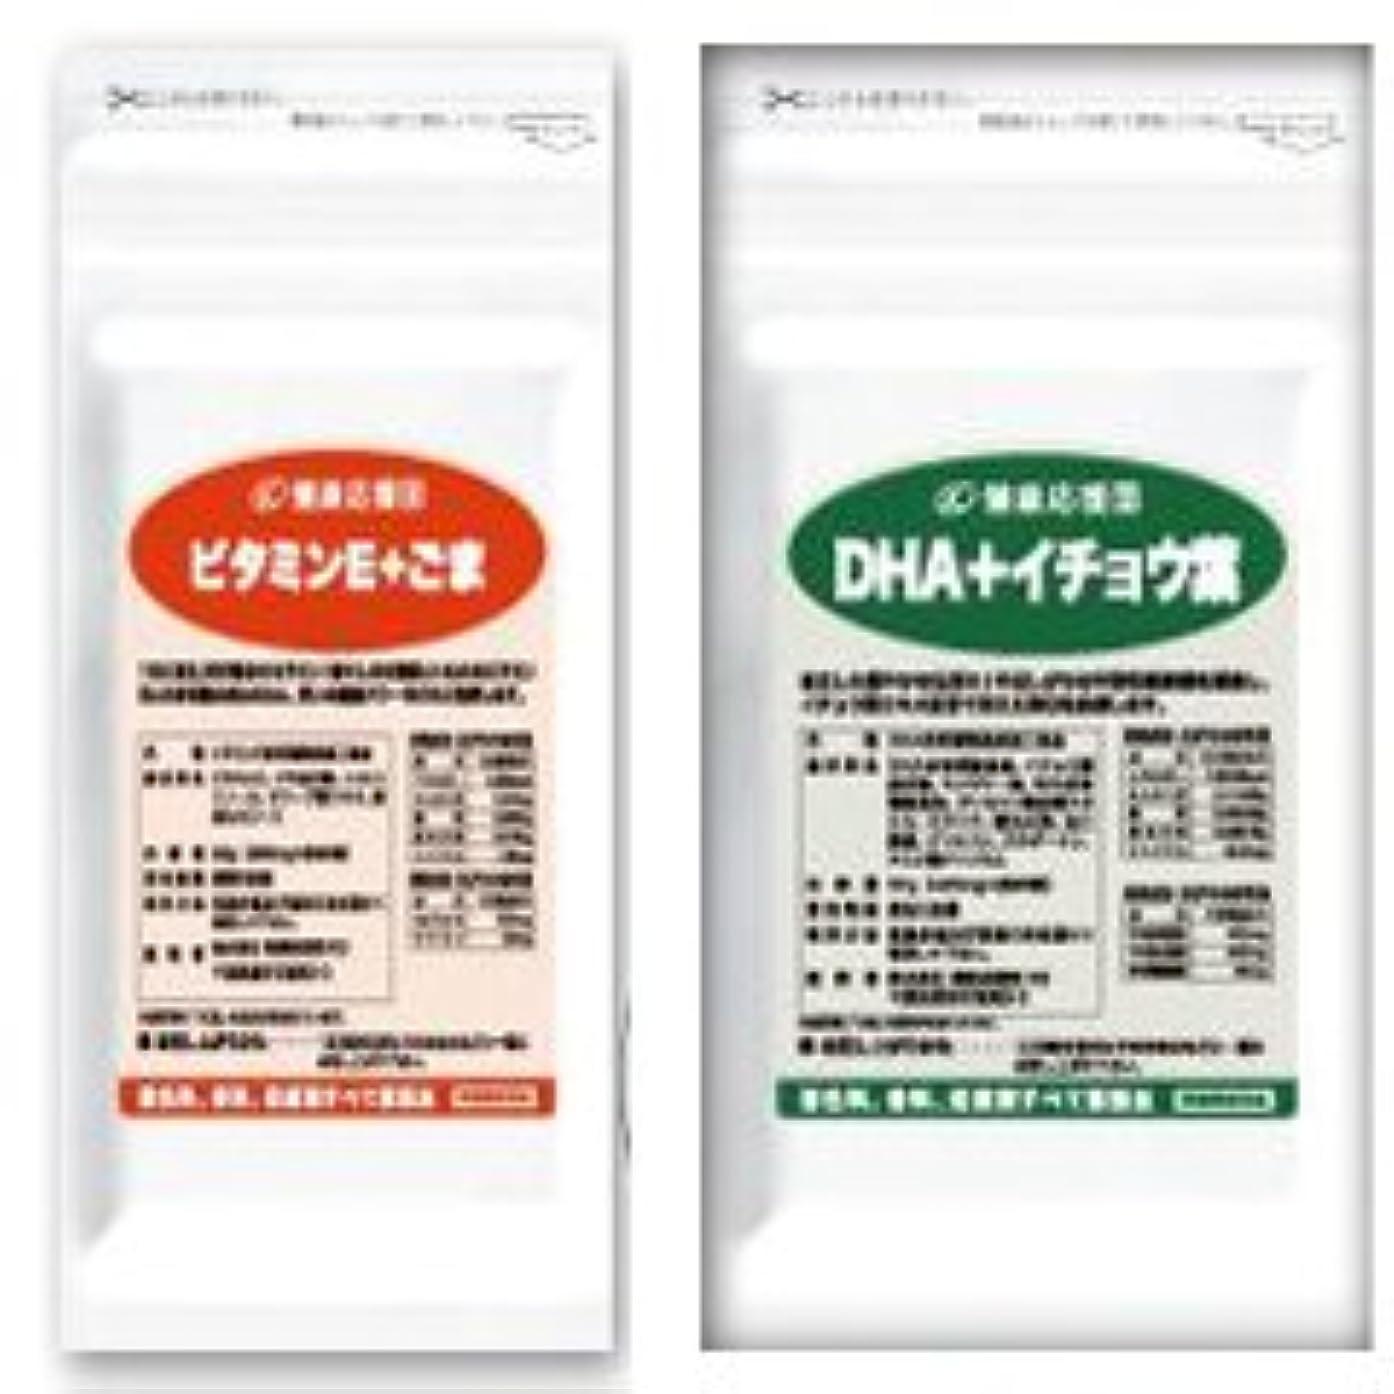 シールドビタミン副詞毎日元気セット (ビタミンE+ごま) + (DHA+イチョウ葉エキス) (DHA・EPA・ビタミンE・セサミン)